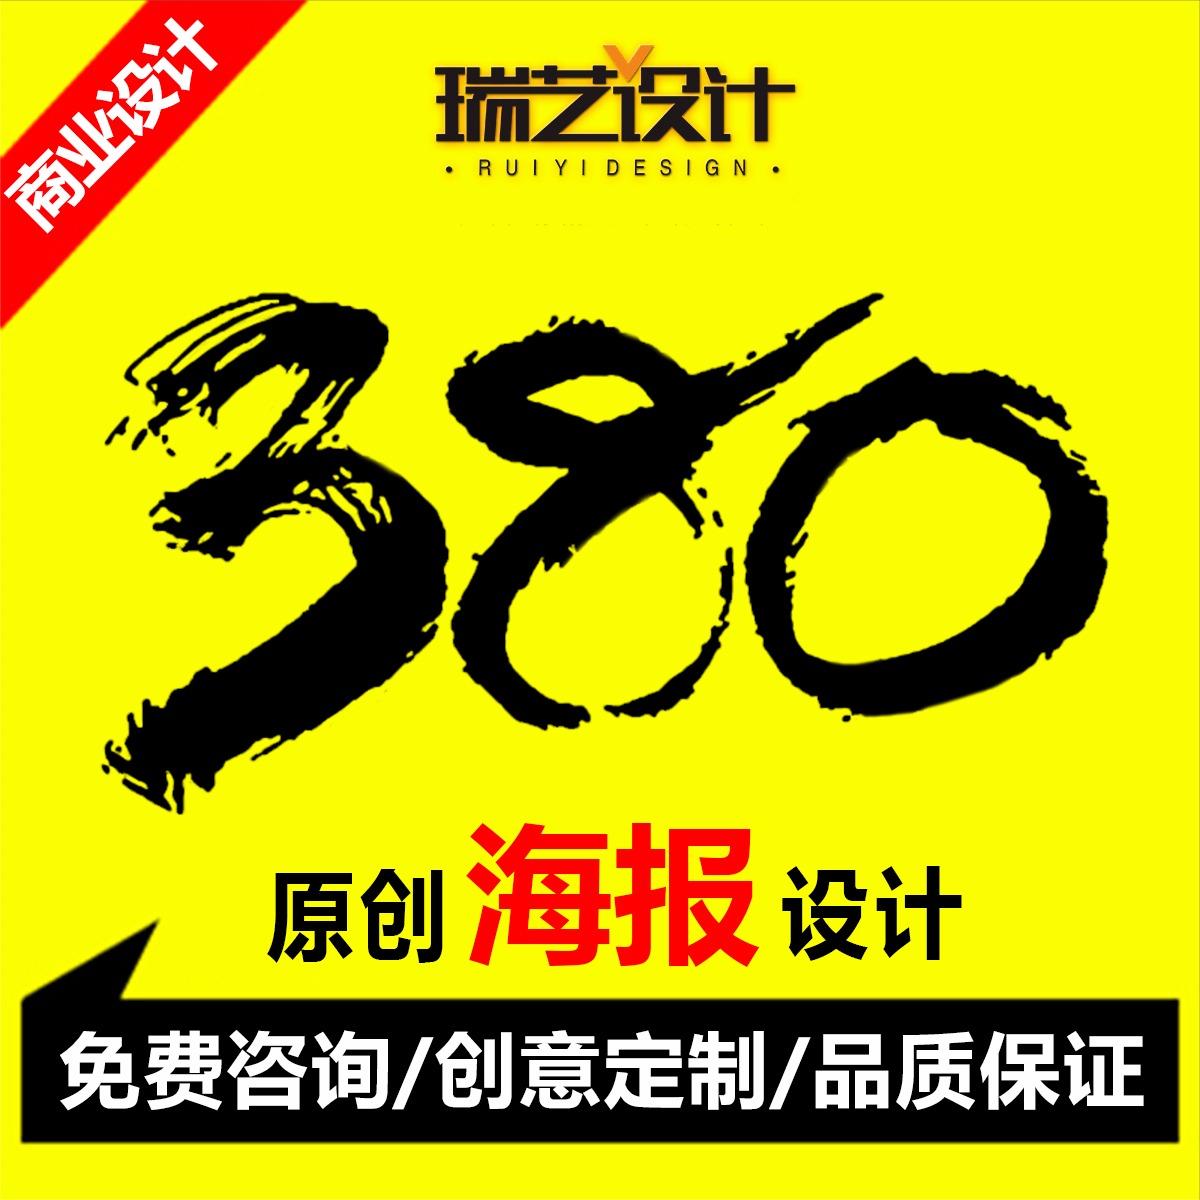 海报设计公司企业宣传册设计折页菜单易拉宝banner设计